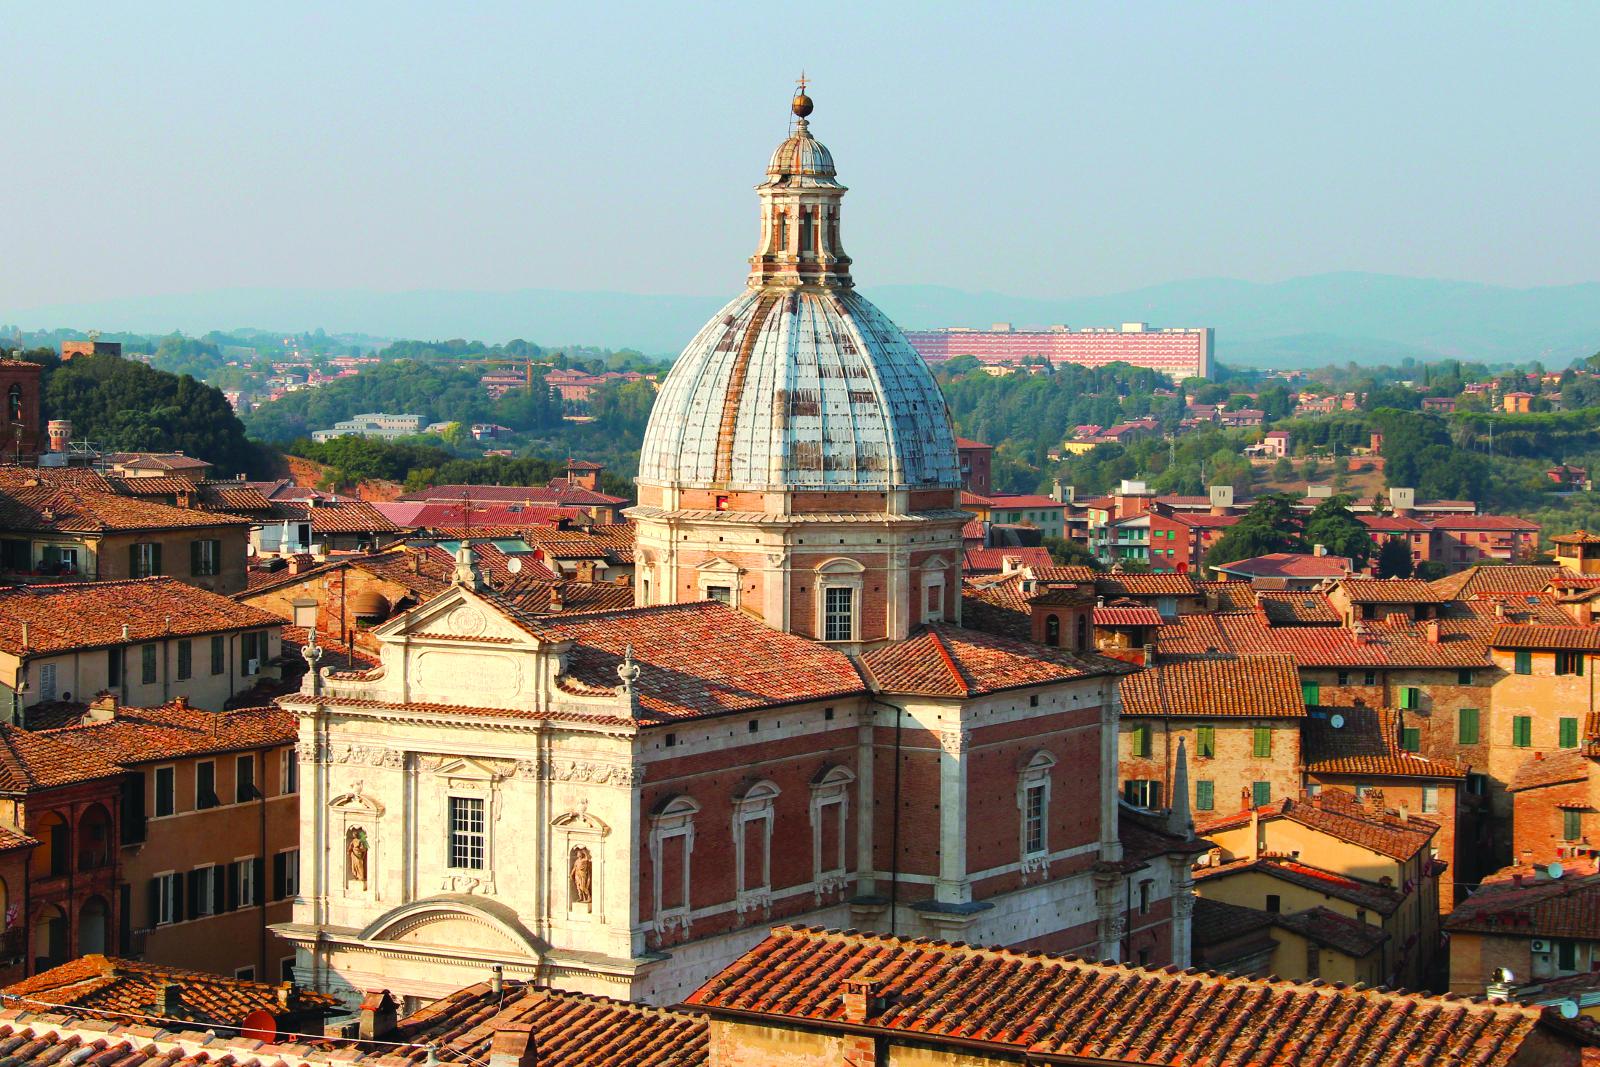 6.1 Dei delitti e di Siena